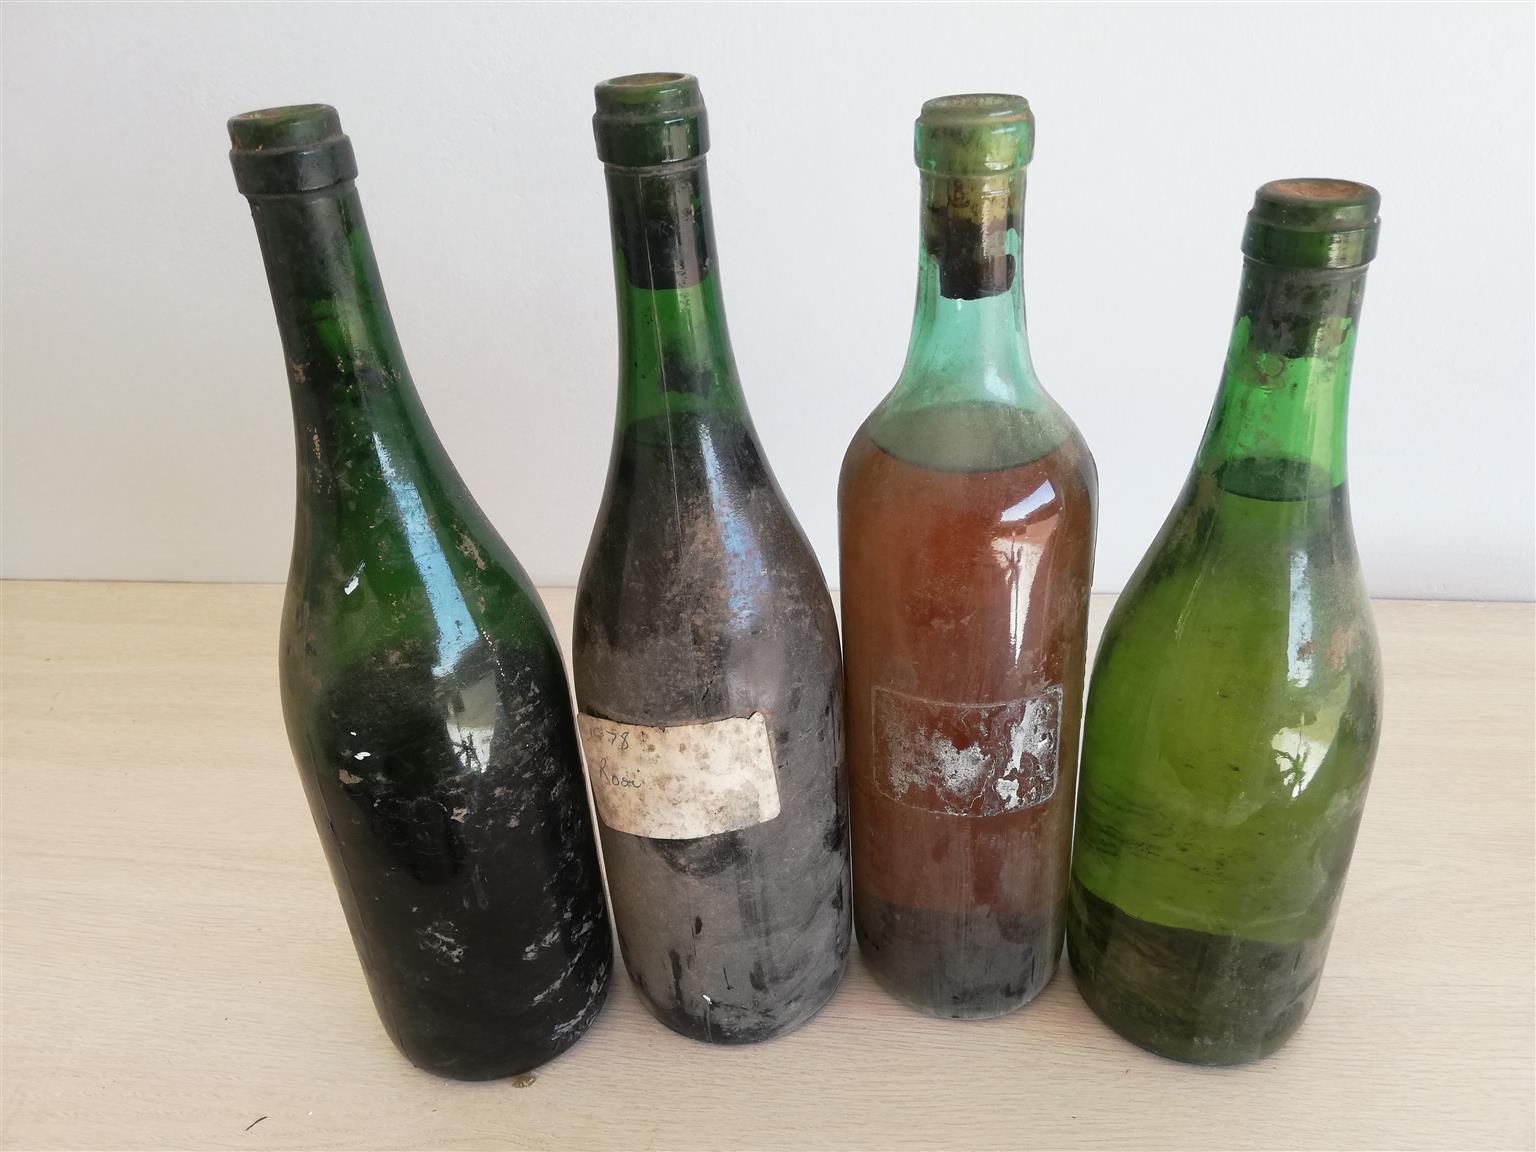 4 Bottles Vintage Wine 1978